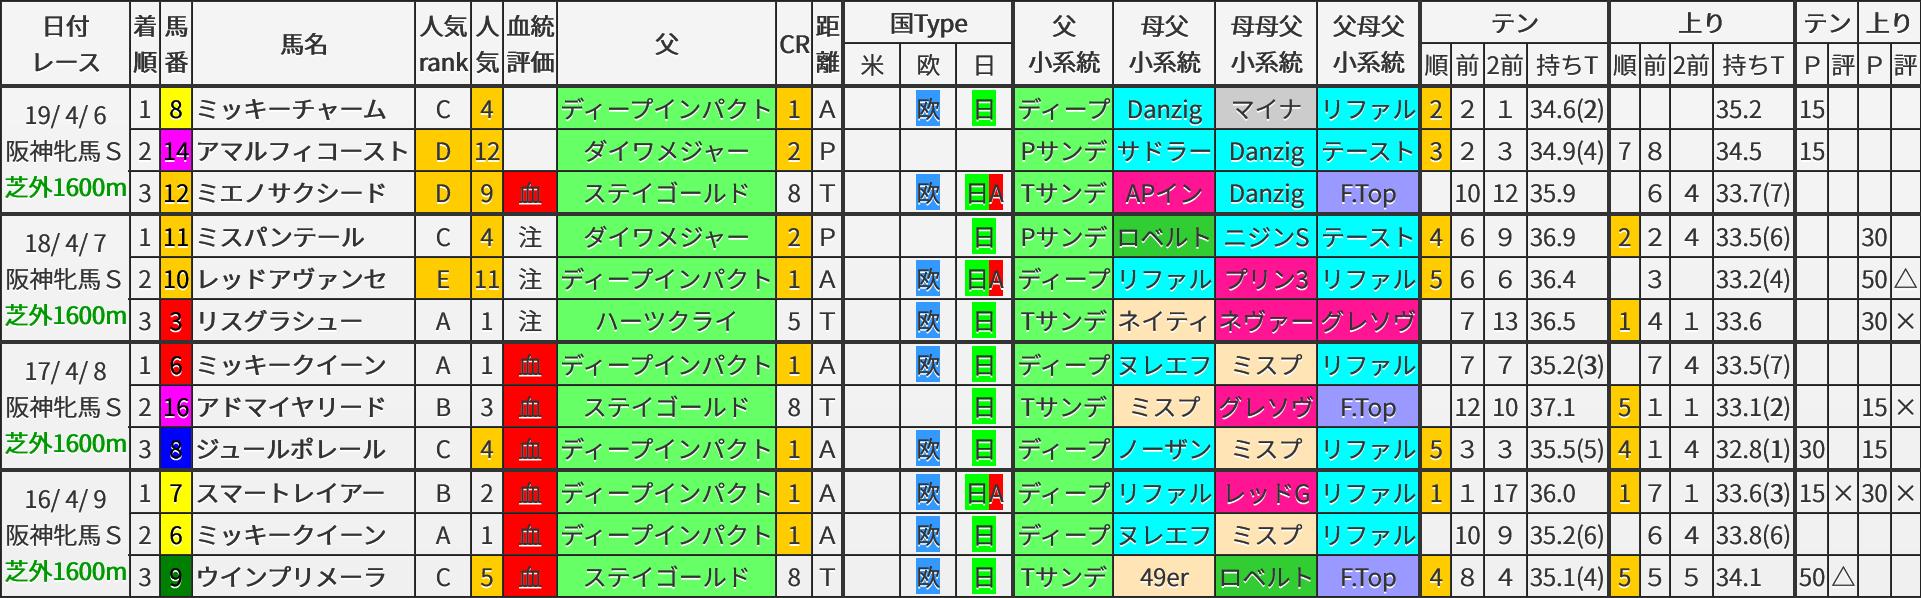 阪神牝馬S 過去5年ブラッドバイアス